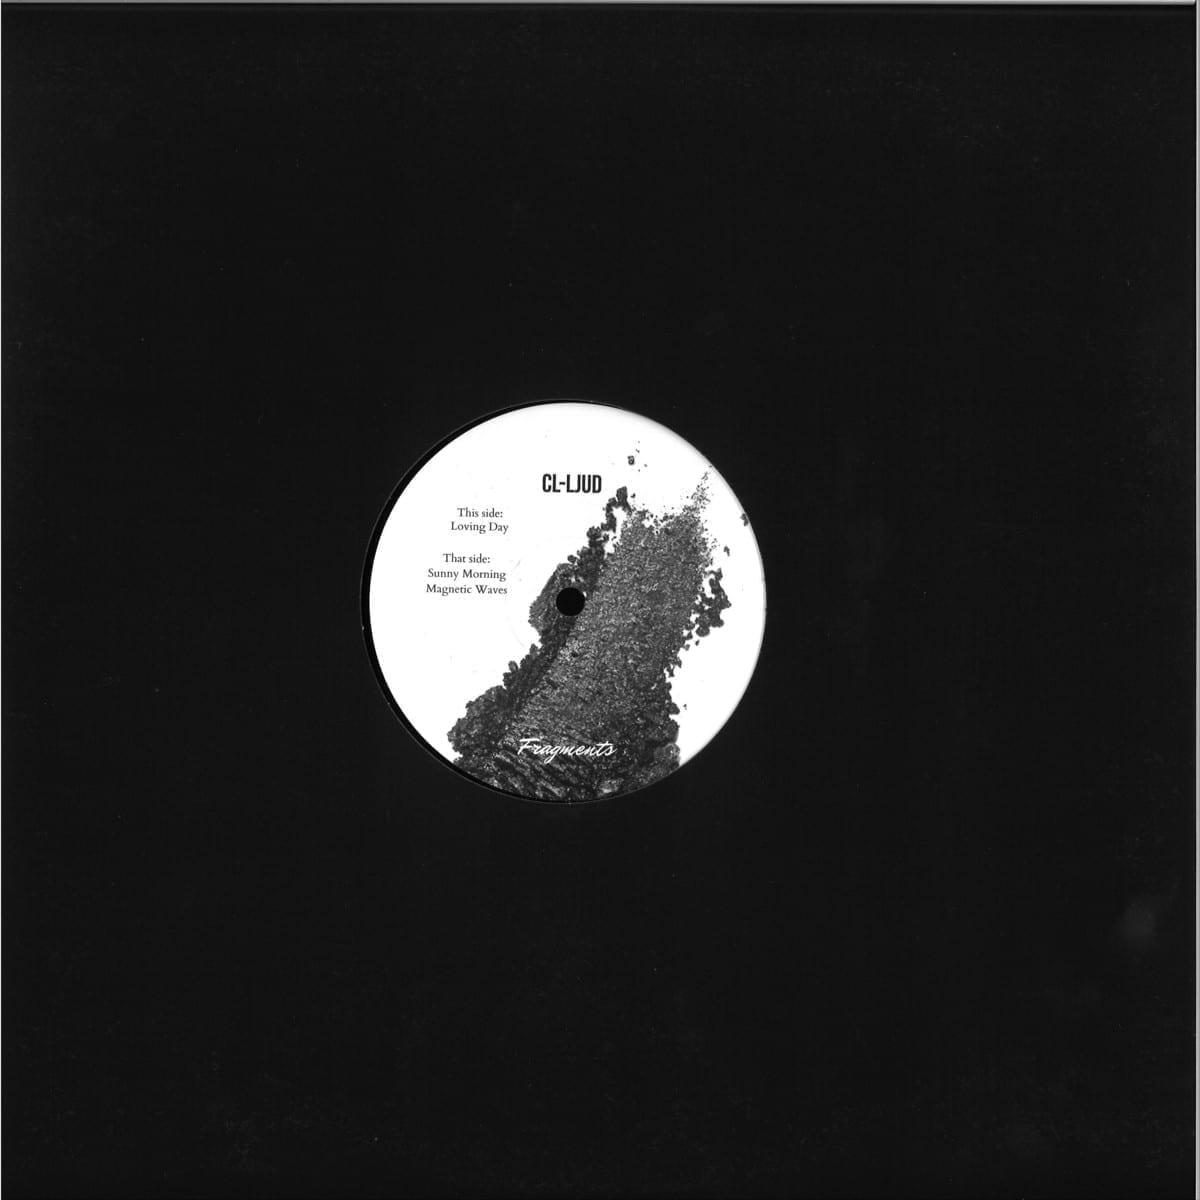 CL-ljud - Fragments [Fragments] back